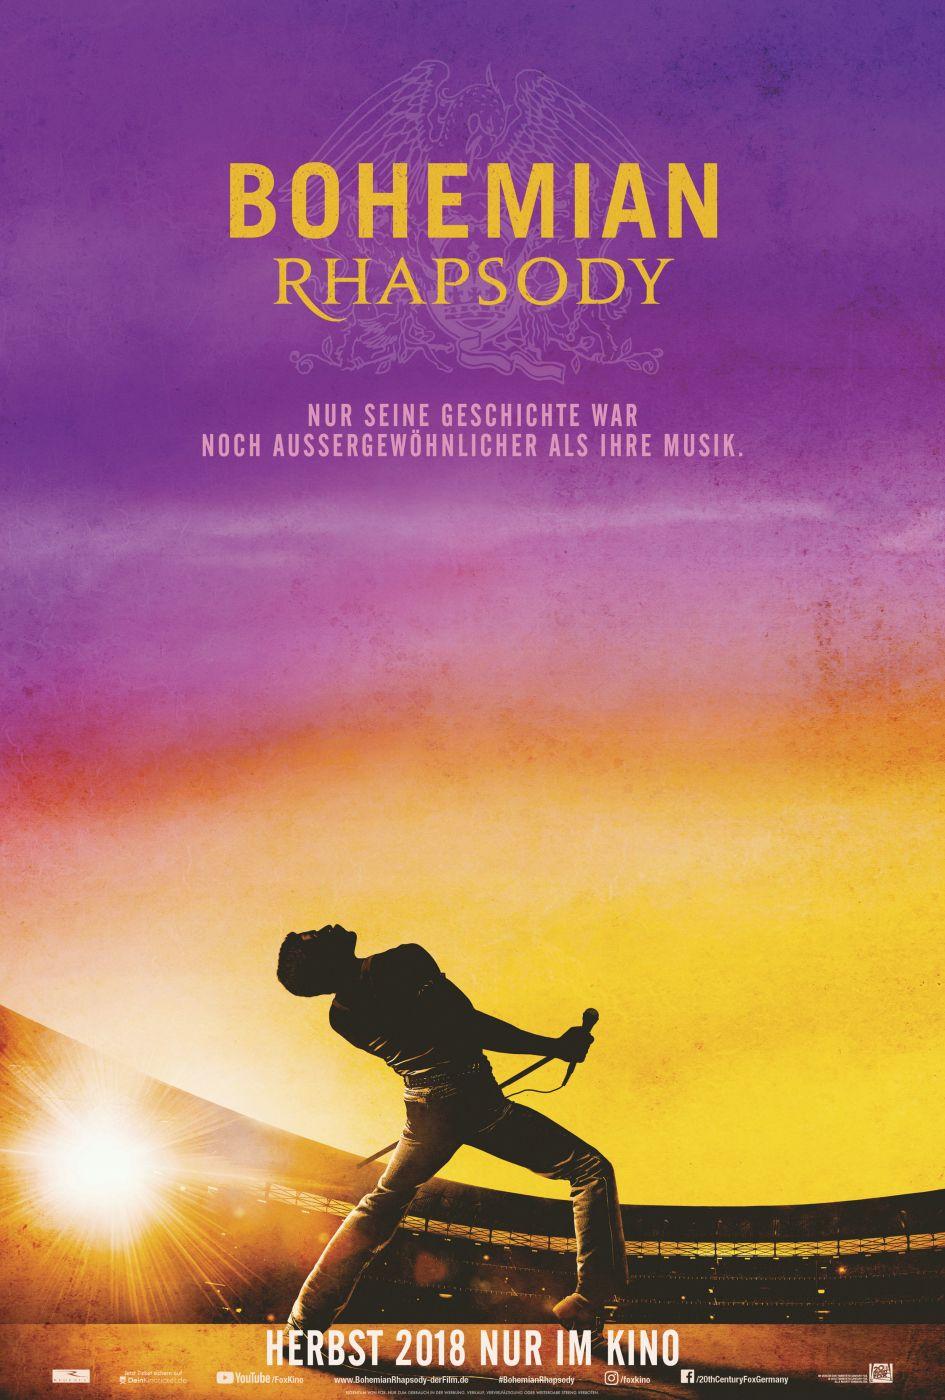 Resultado de imagen de bohemian rhapsody film 2018